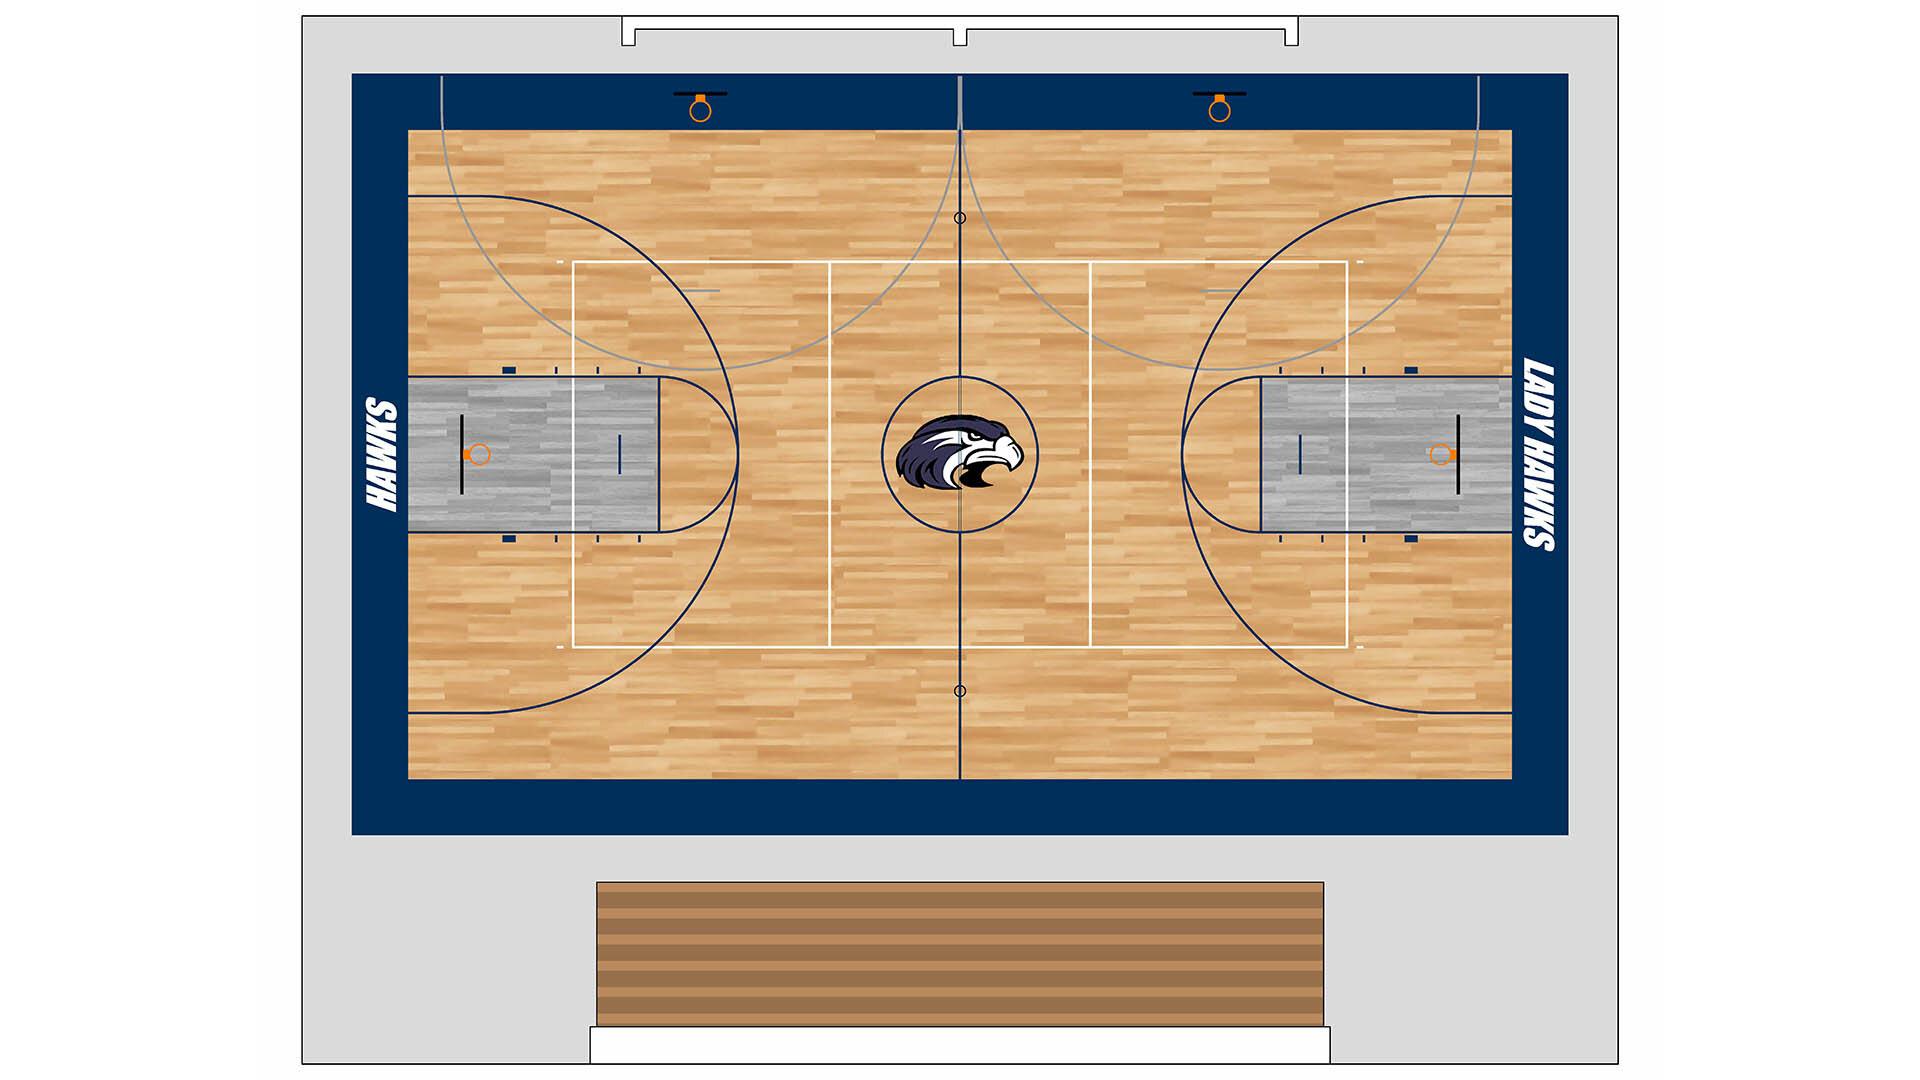 Sport Court Gym Floor Layout